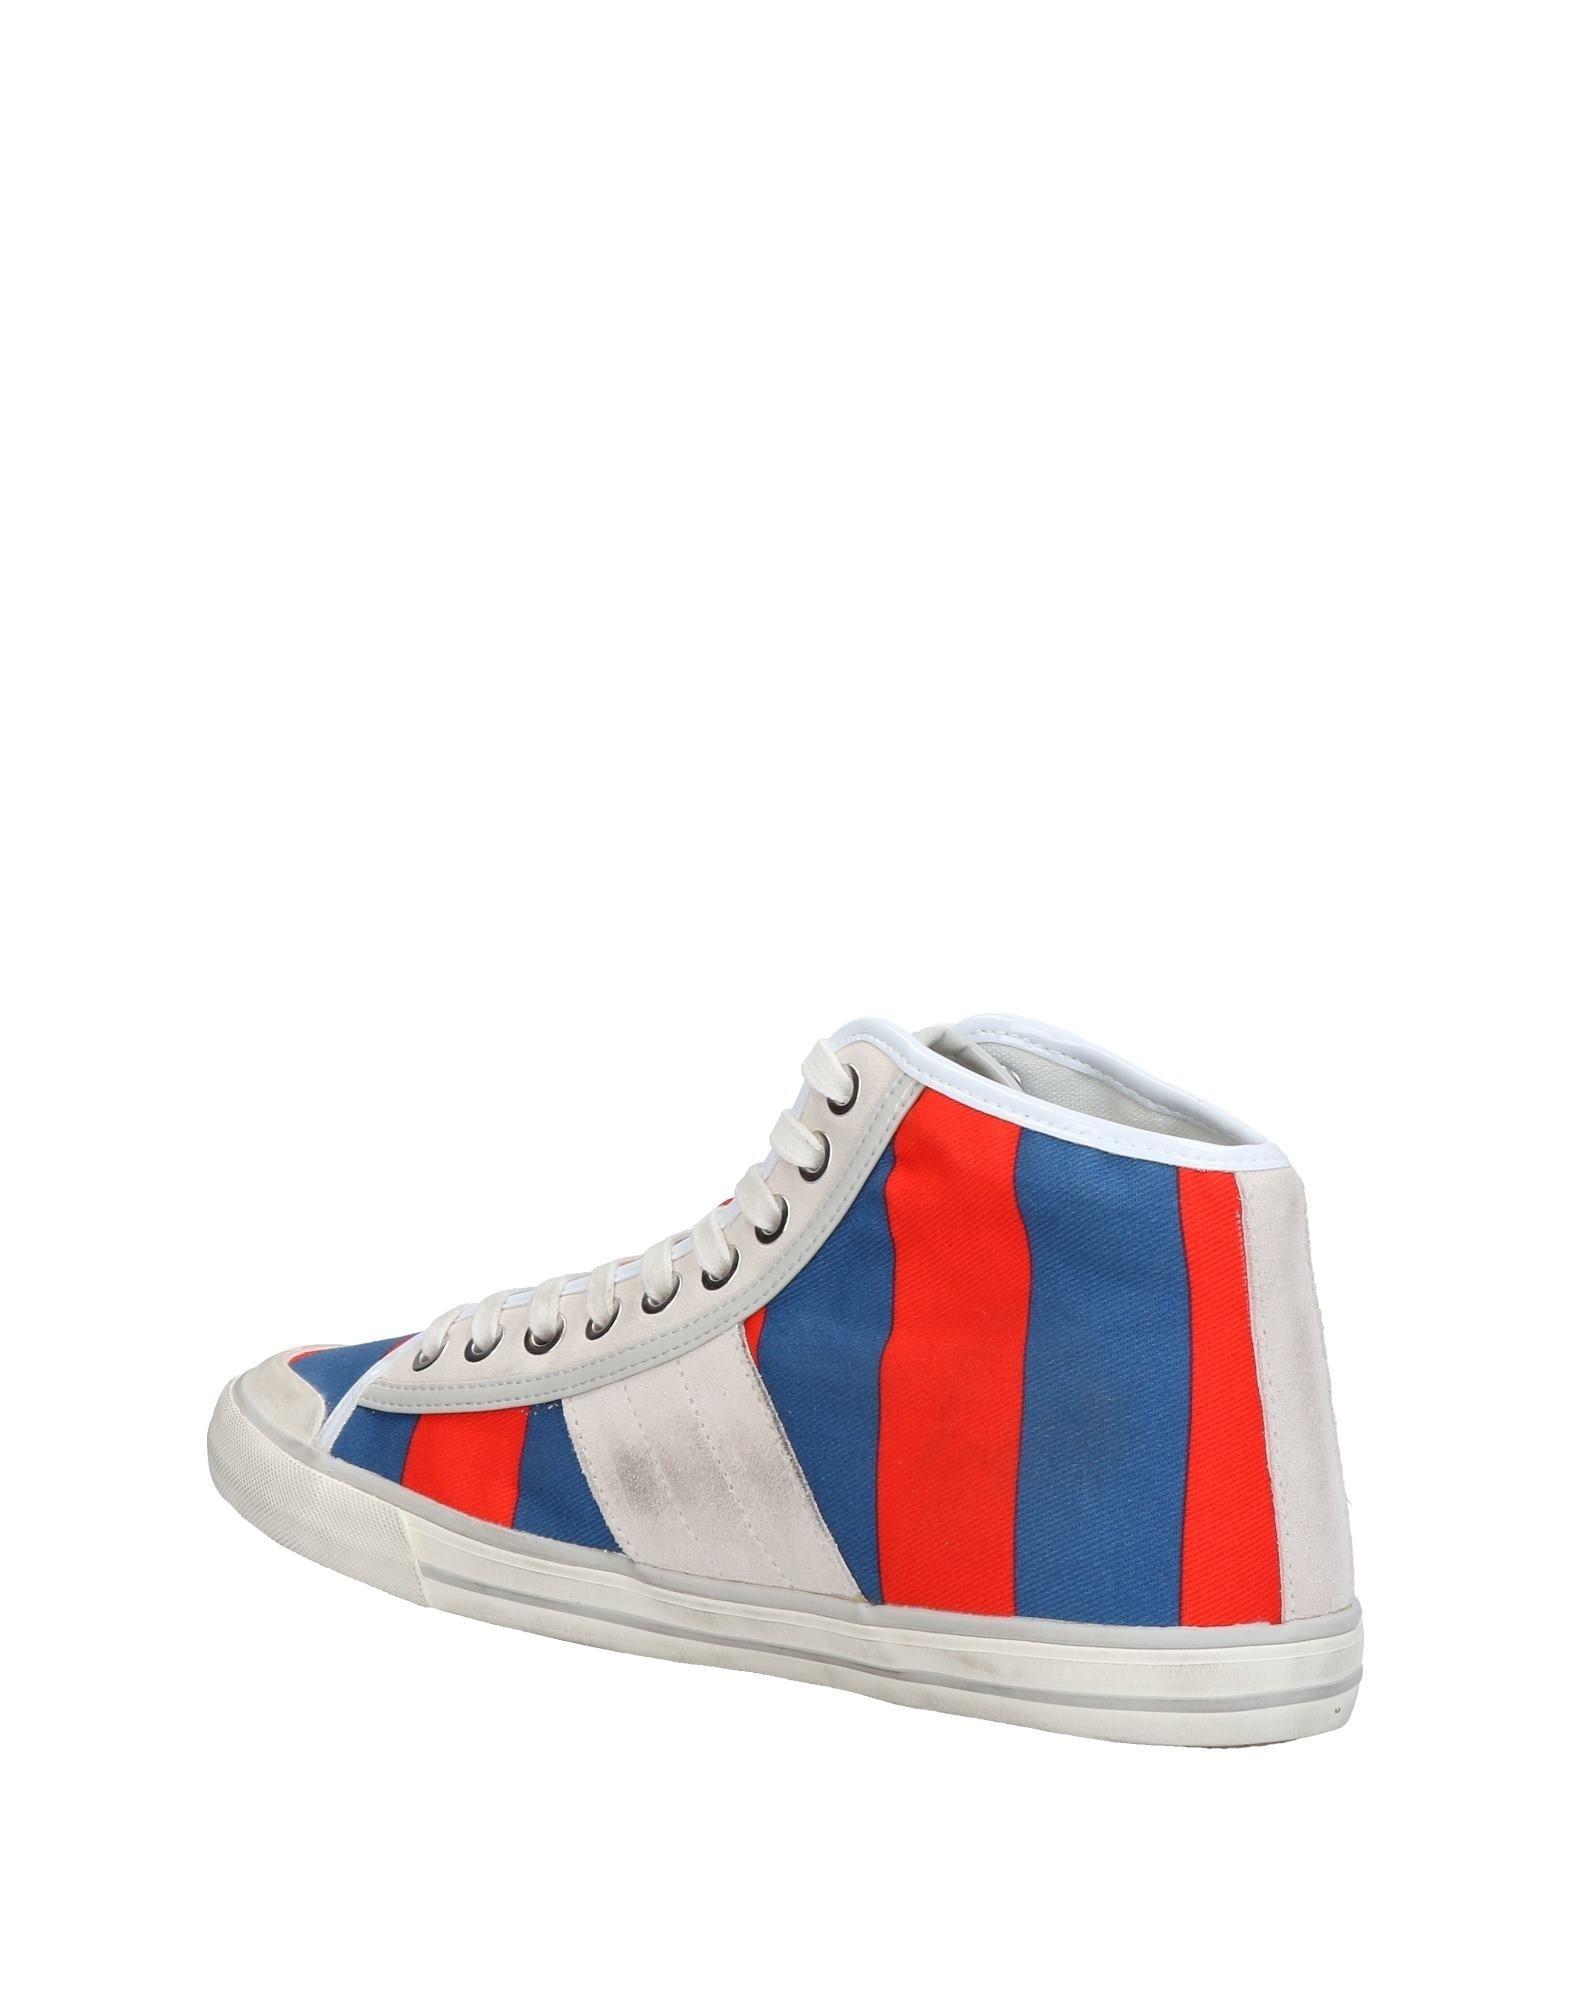 D.A.T.E. DATE Sneakers Fille 26 EU Bordeaux Textile Onsvtx8Q